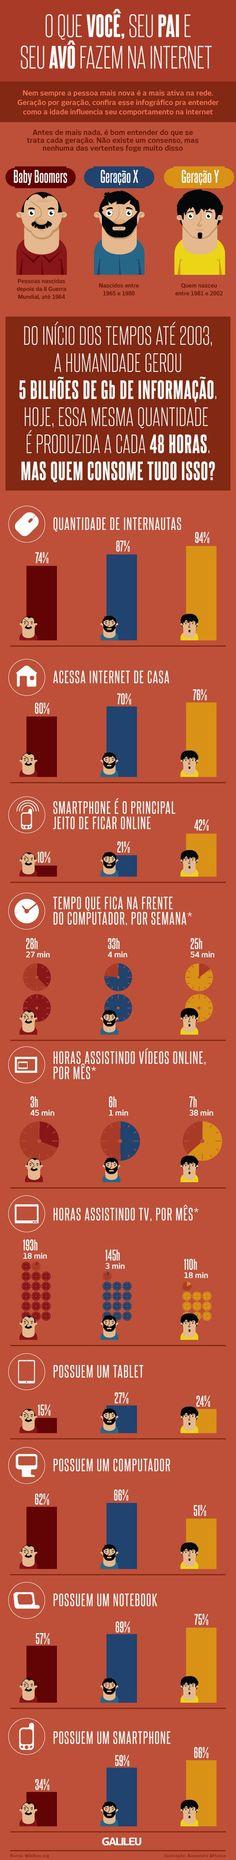 Onde está você, seu pai e seu avô na internet? #Infografico